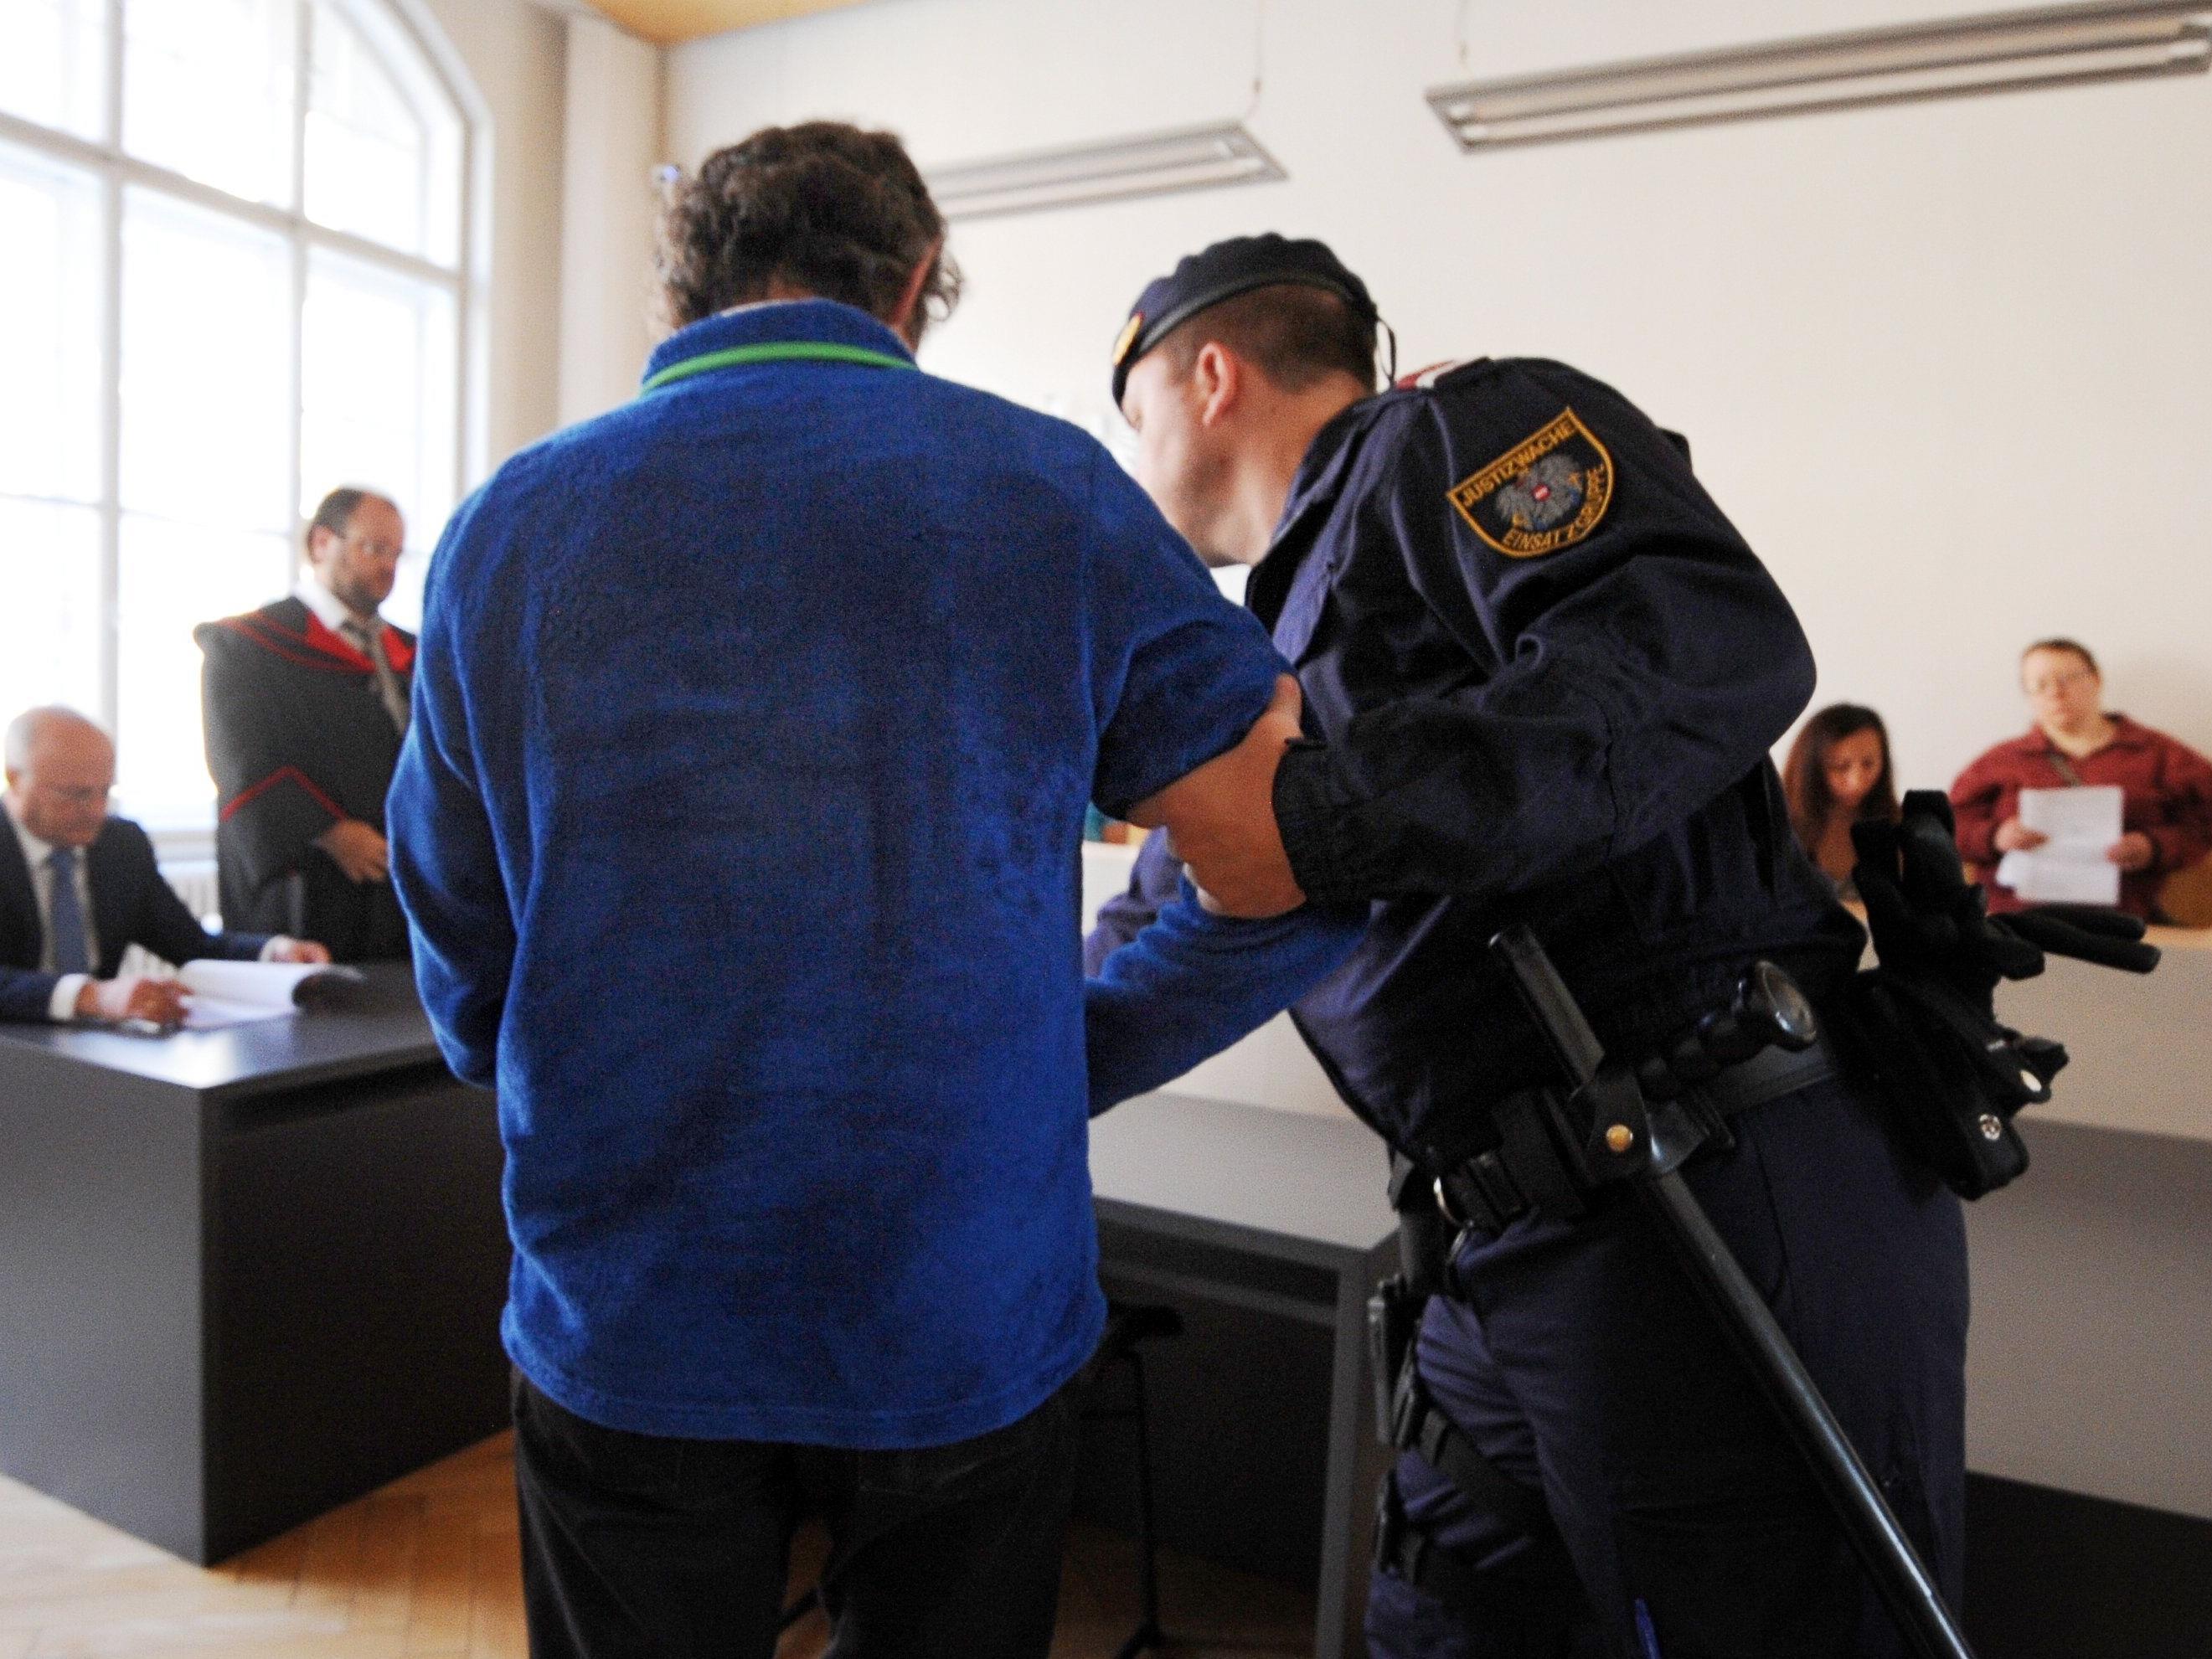 """Inzestprozess in Feldkirch - Angeklagter bestreitet Vorwürfe und spricht von """"Rache""""."""